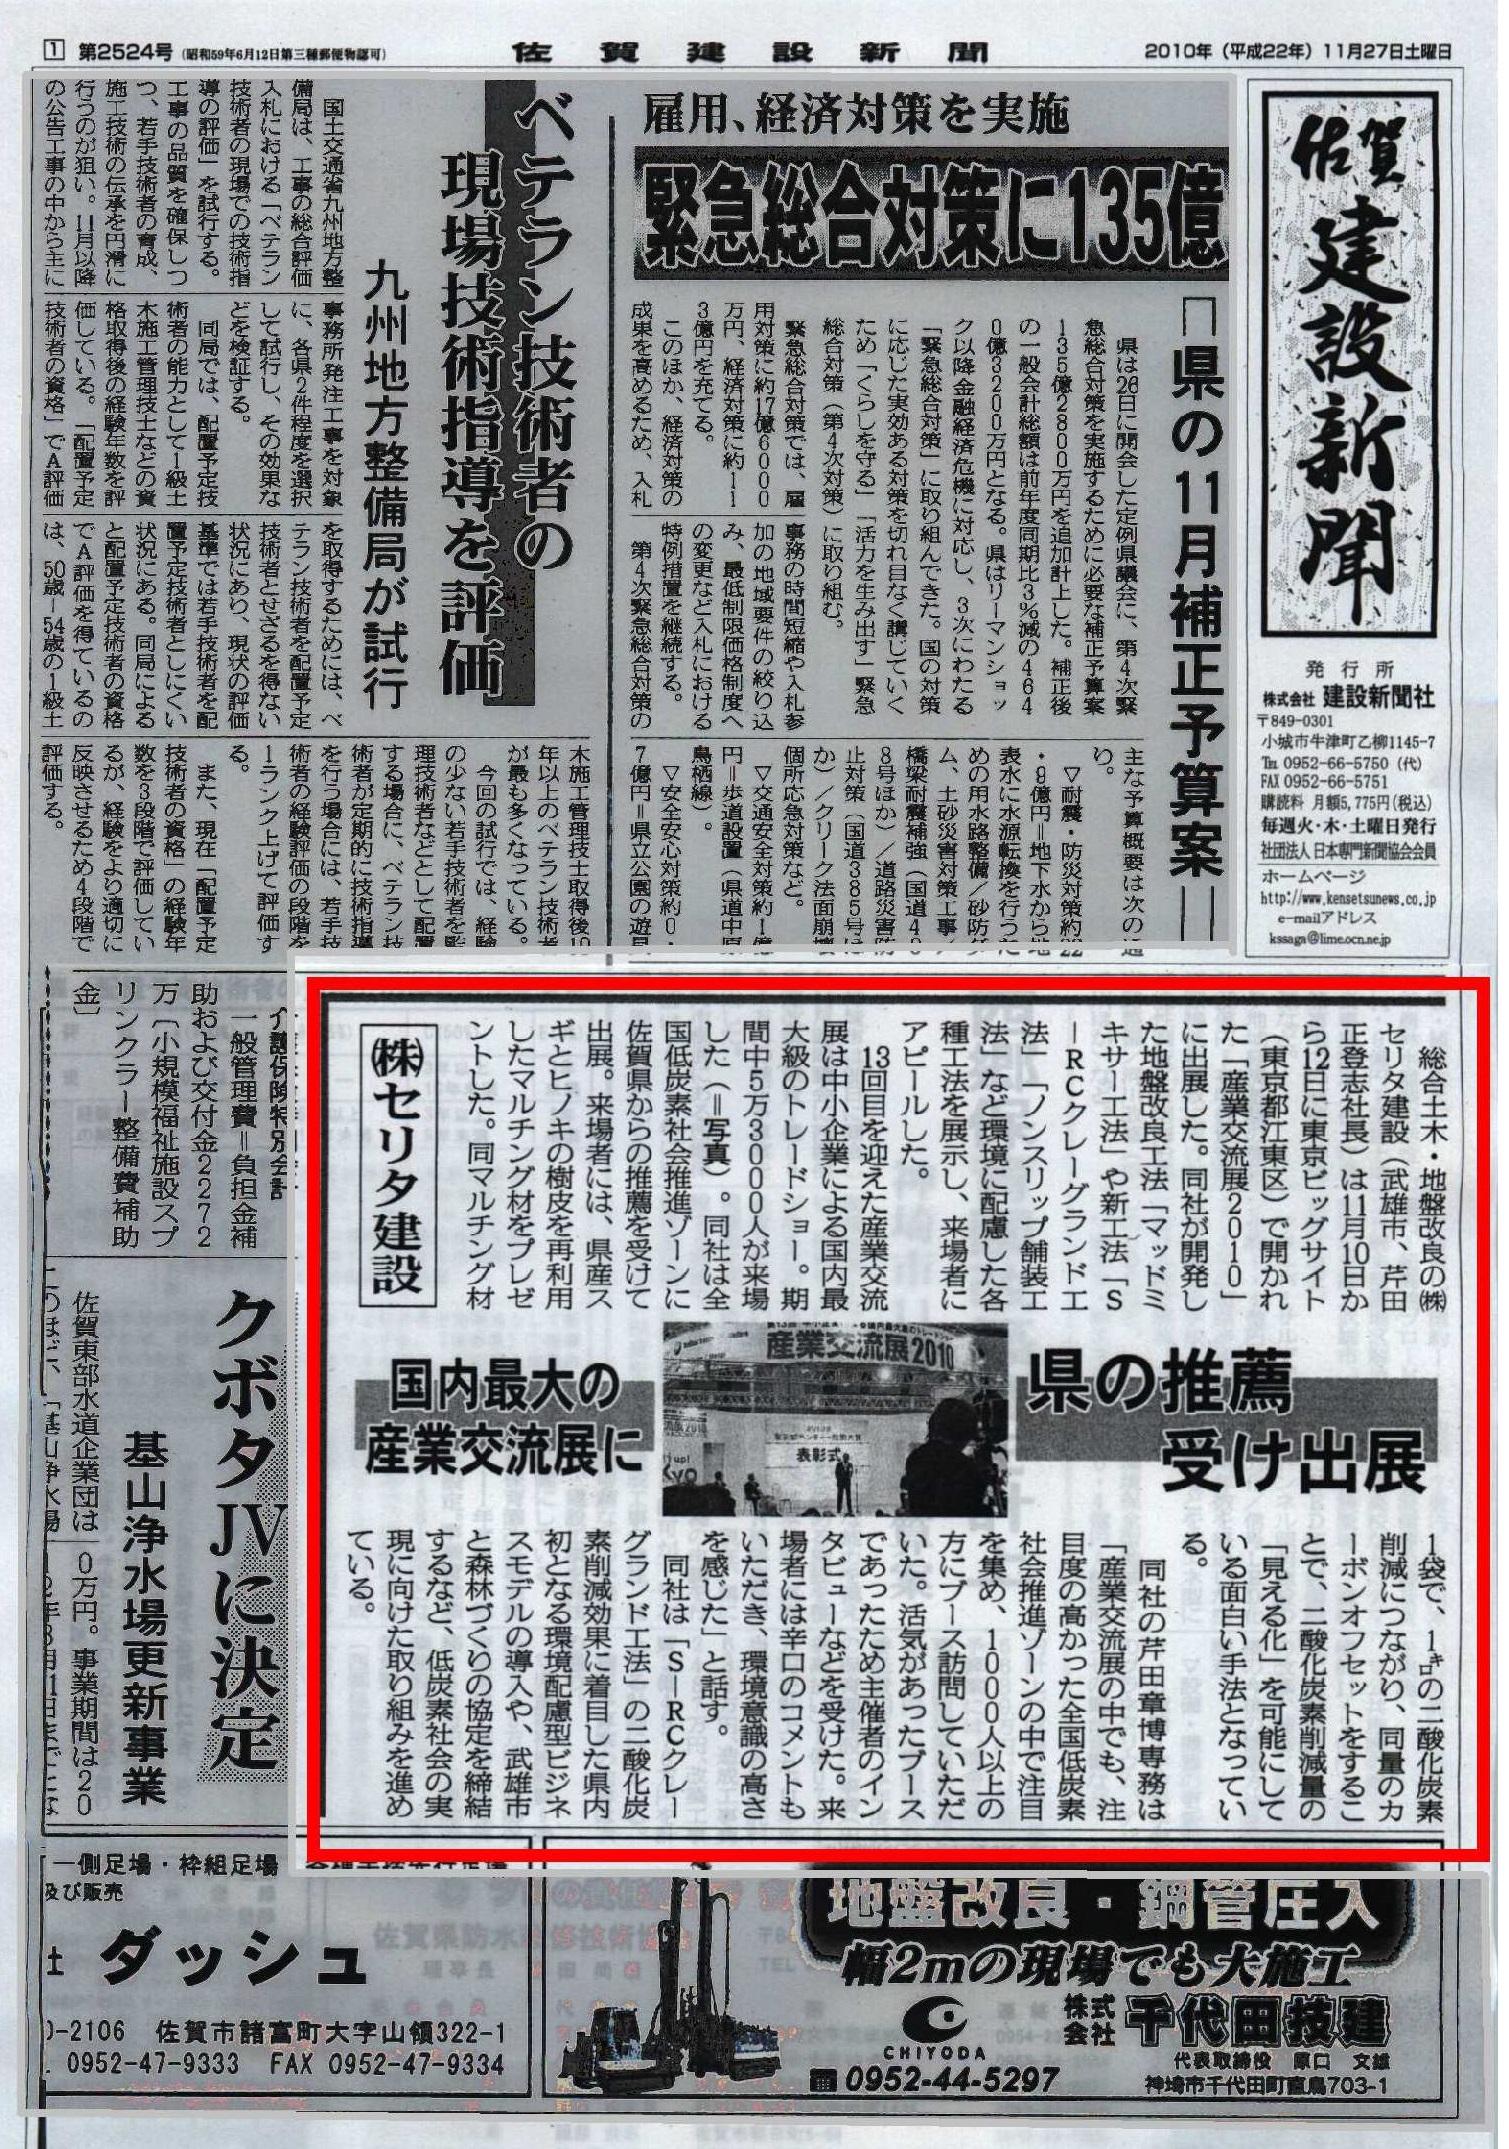 佐賀県の推薦を受け出展 『佐賀建設新聞 掲載』